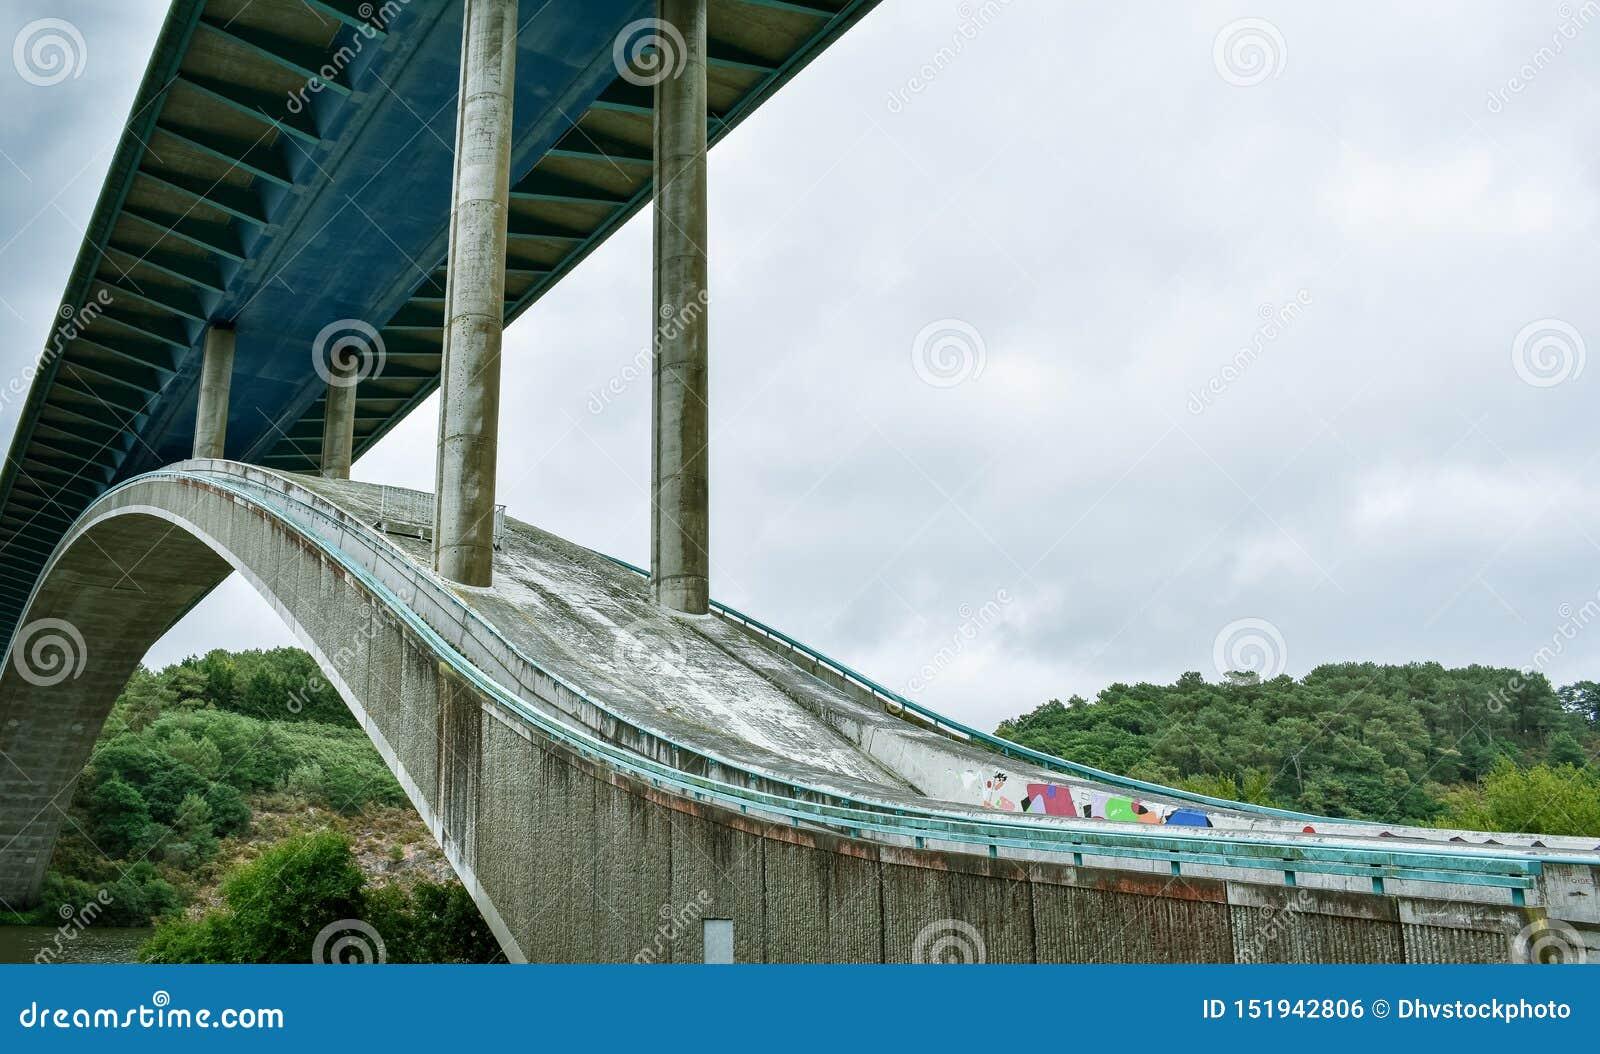 Pont en autoroute au-dessus de la rivière, dans un paysage vert